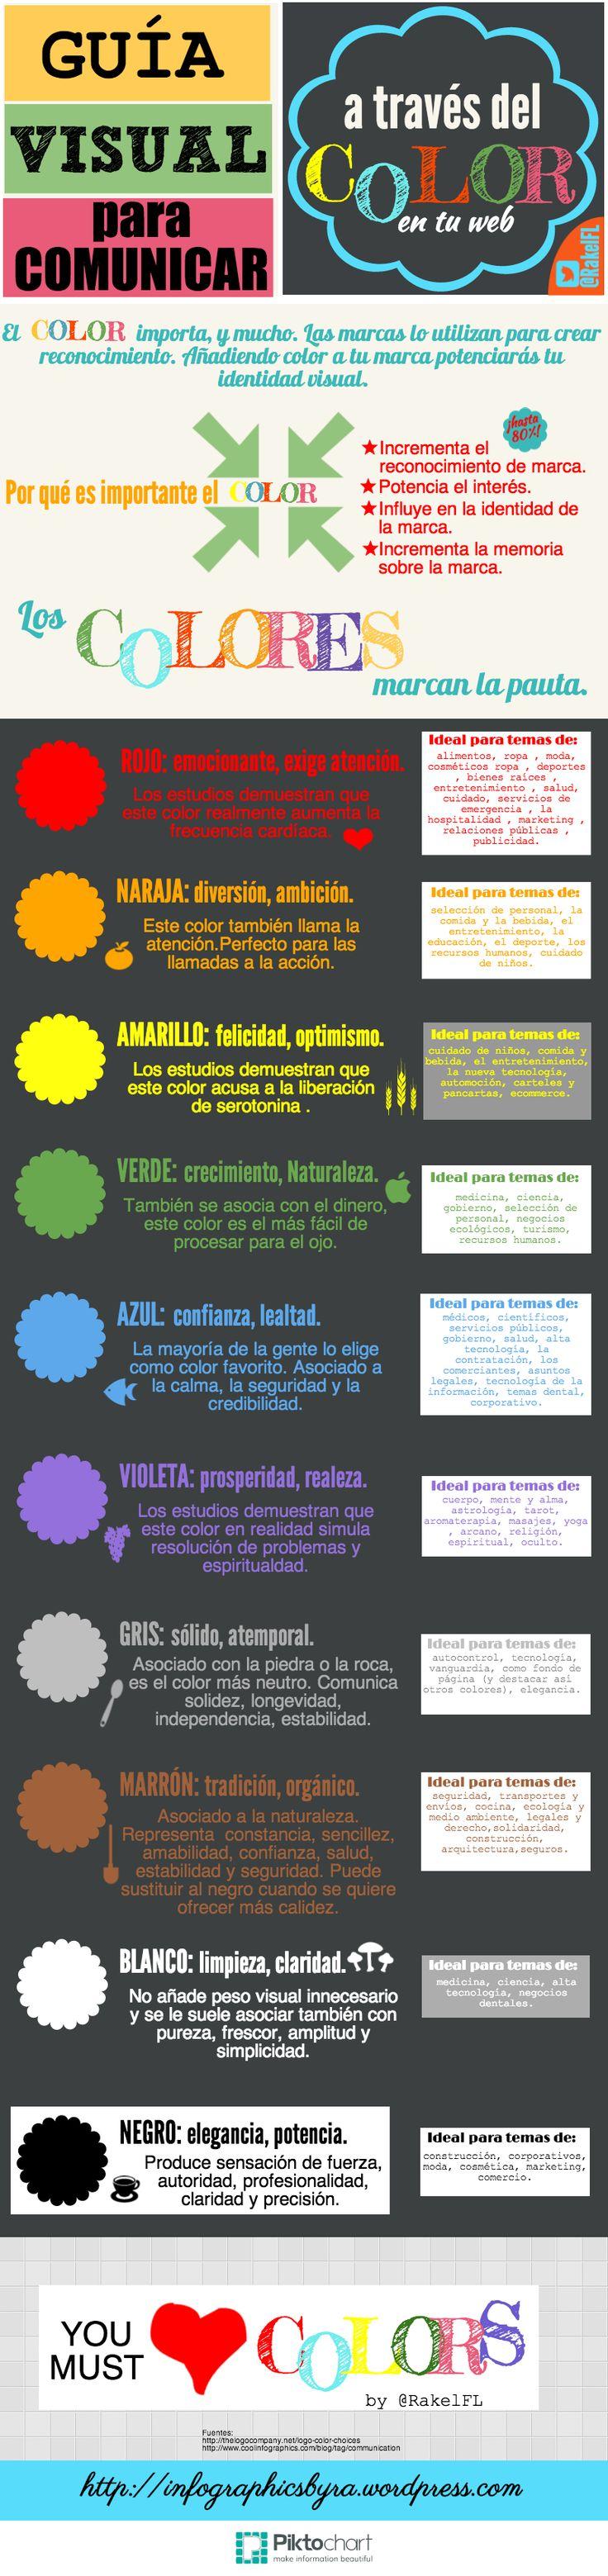 Infografía que nos explica las características del color cómo elemento de comunicación ante la paleta de colores existentes y sus sensaciones. #infografia #color